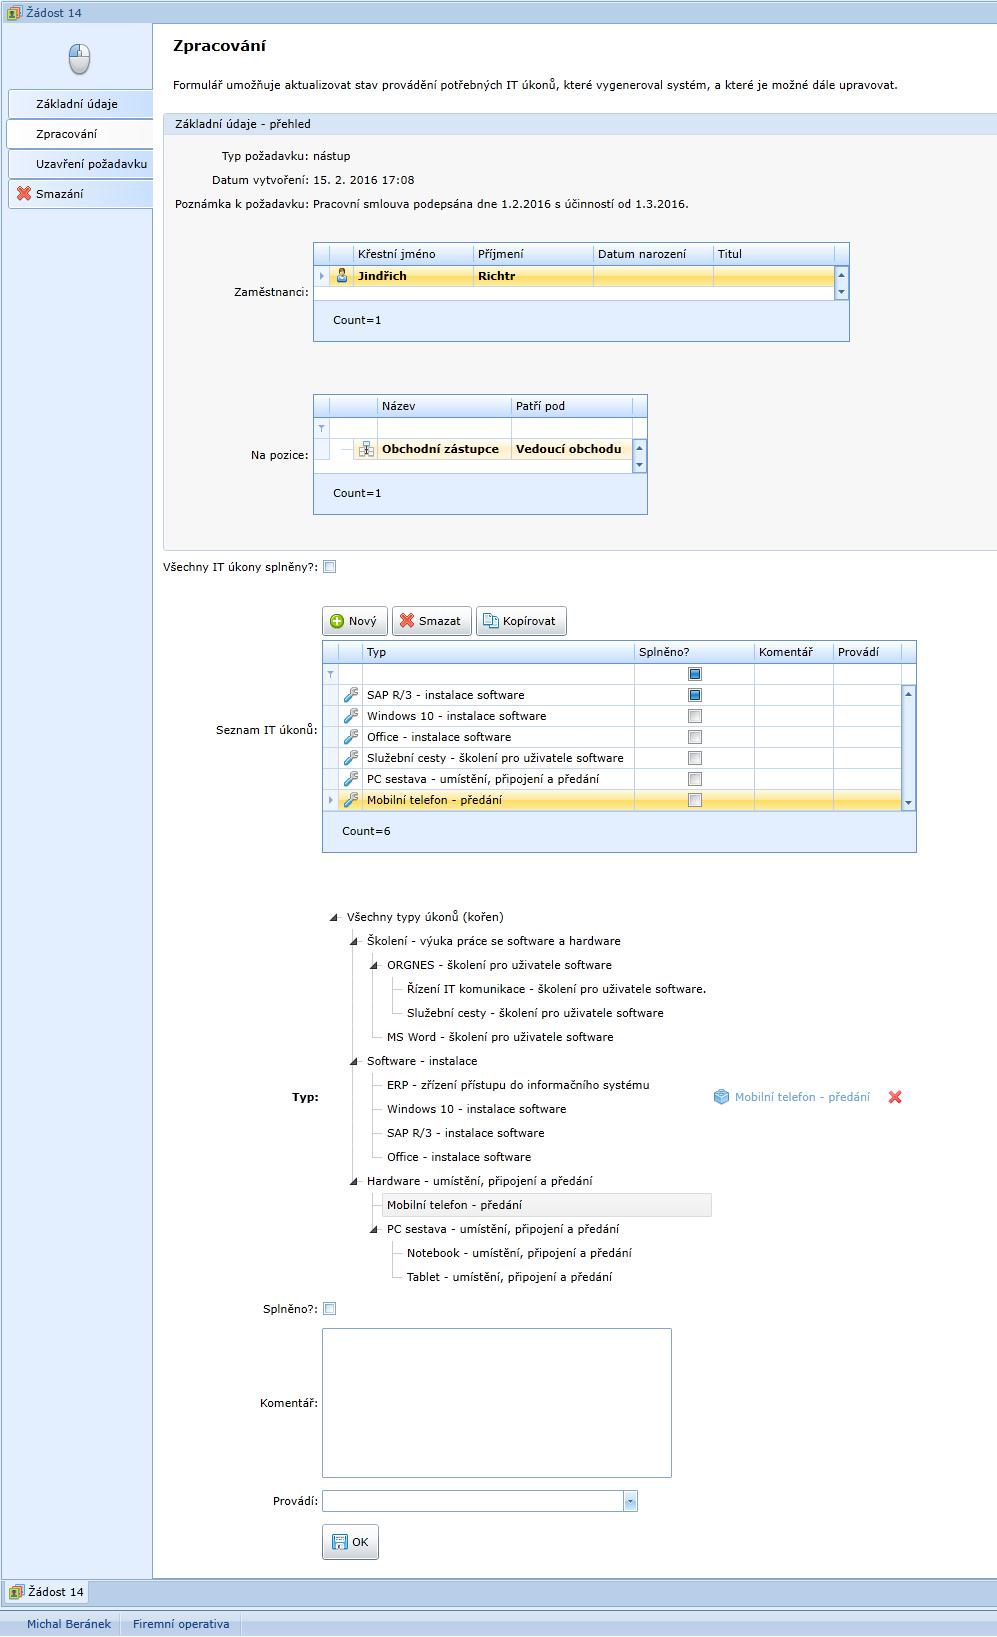 Úprava údajů ve formuláři Zpracování Žádosti vedoucím IT